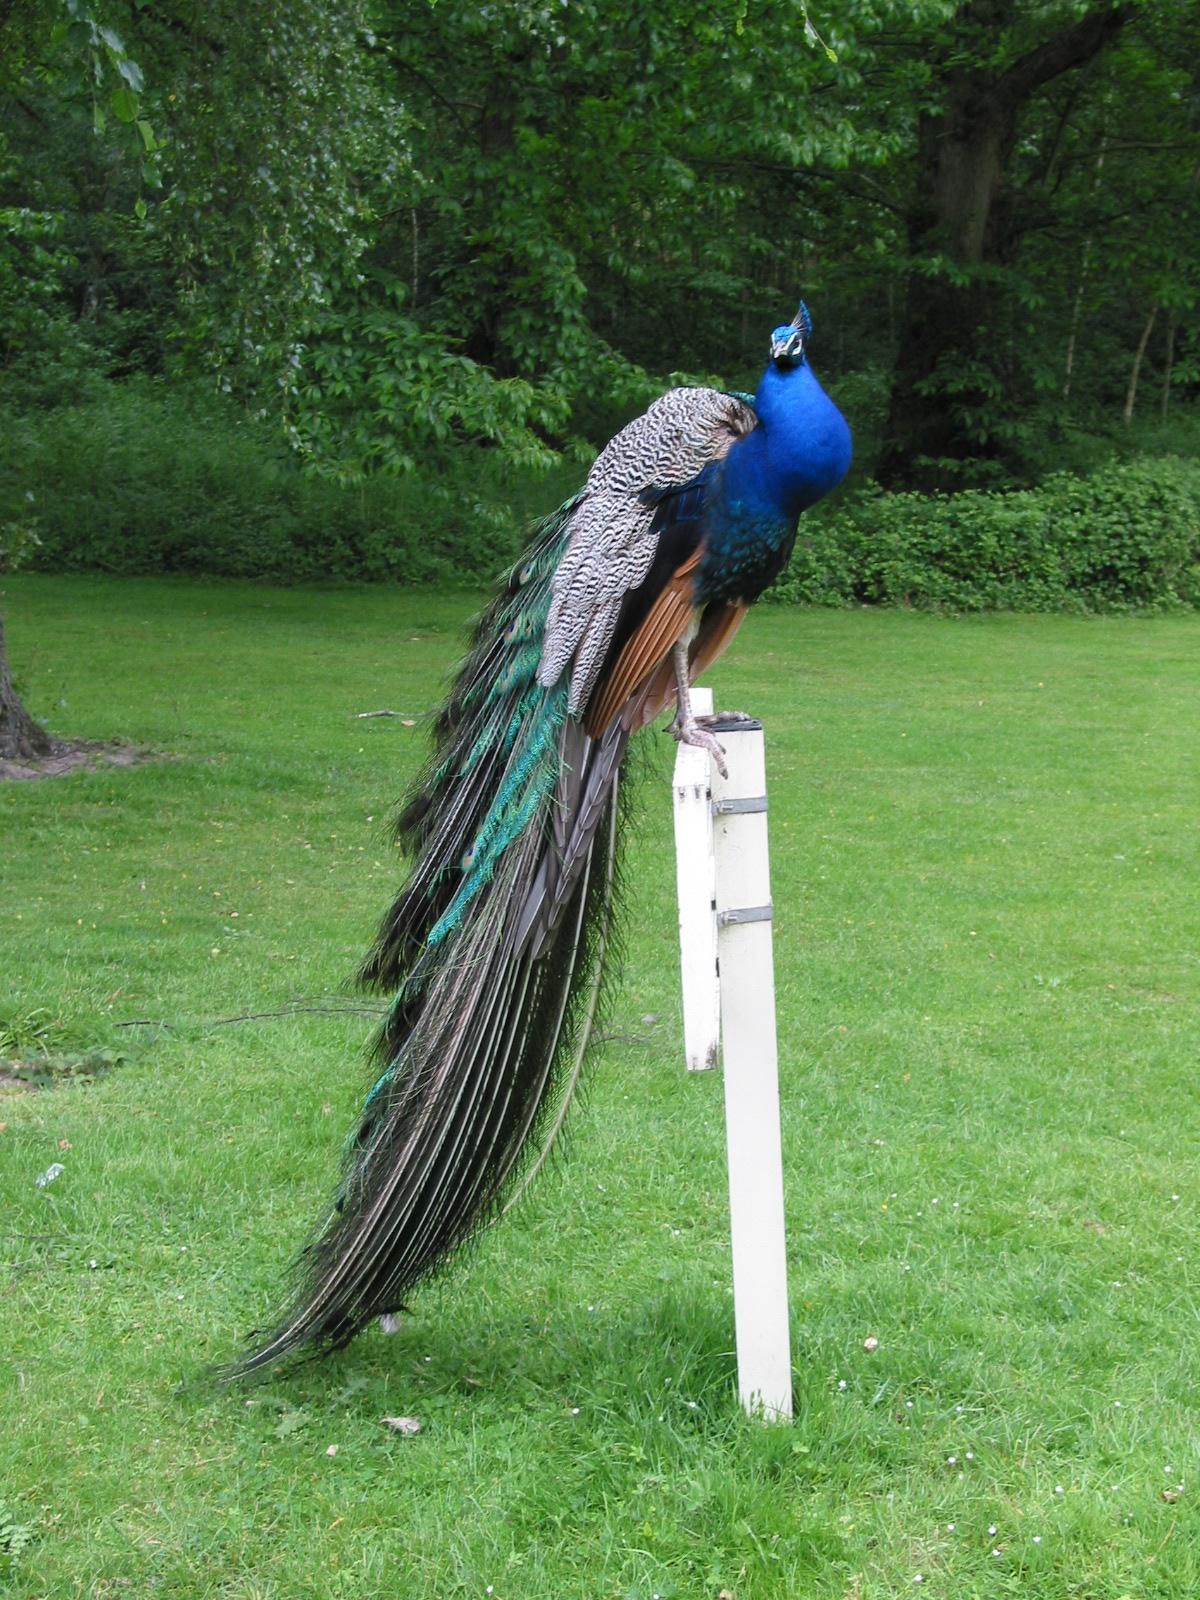 2005 England peacock